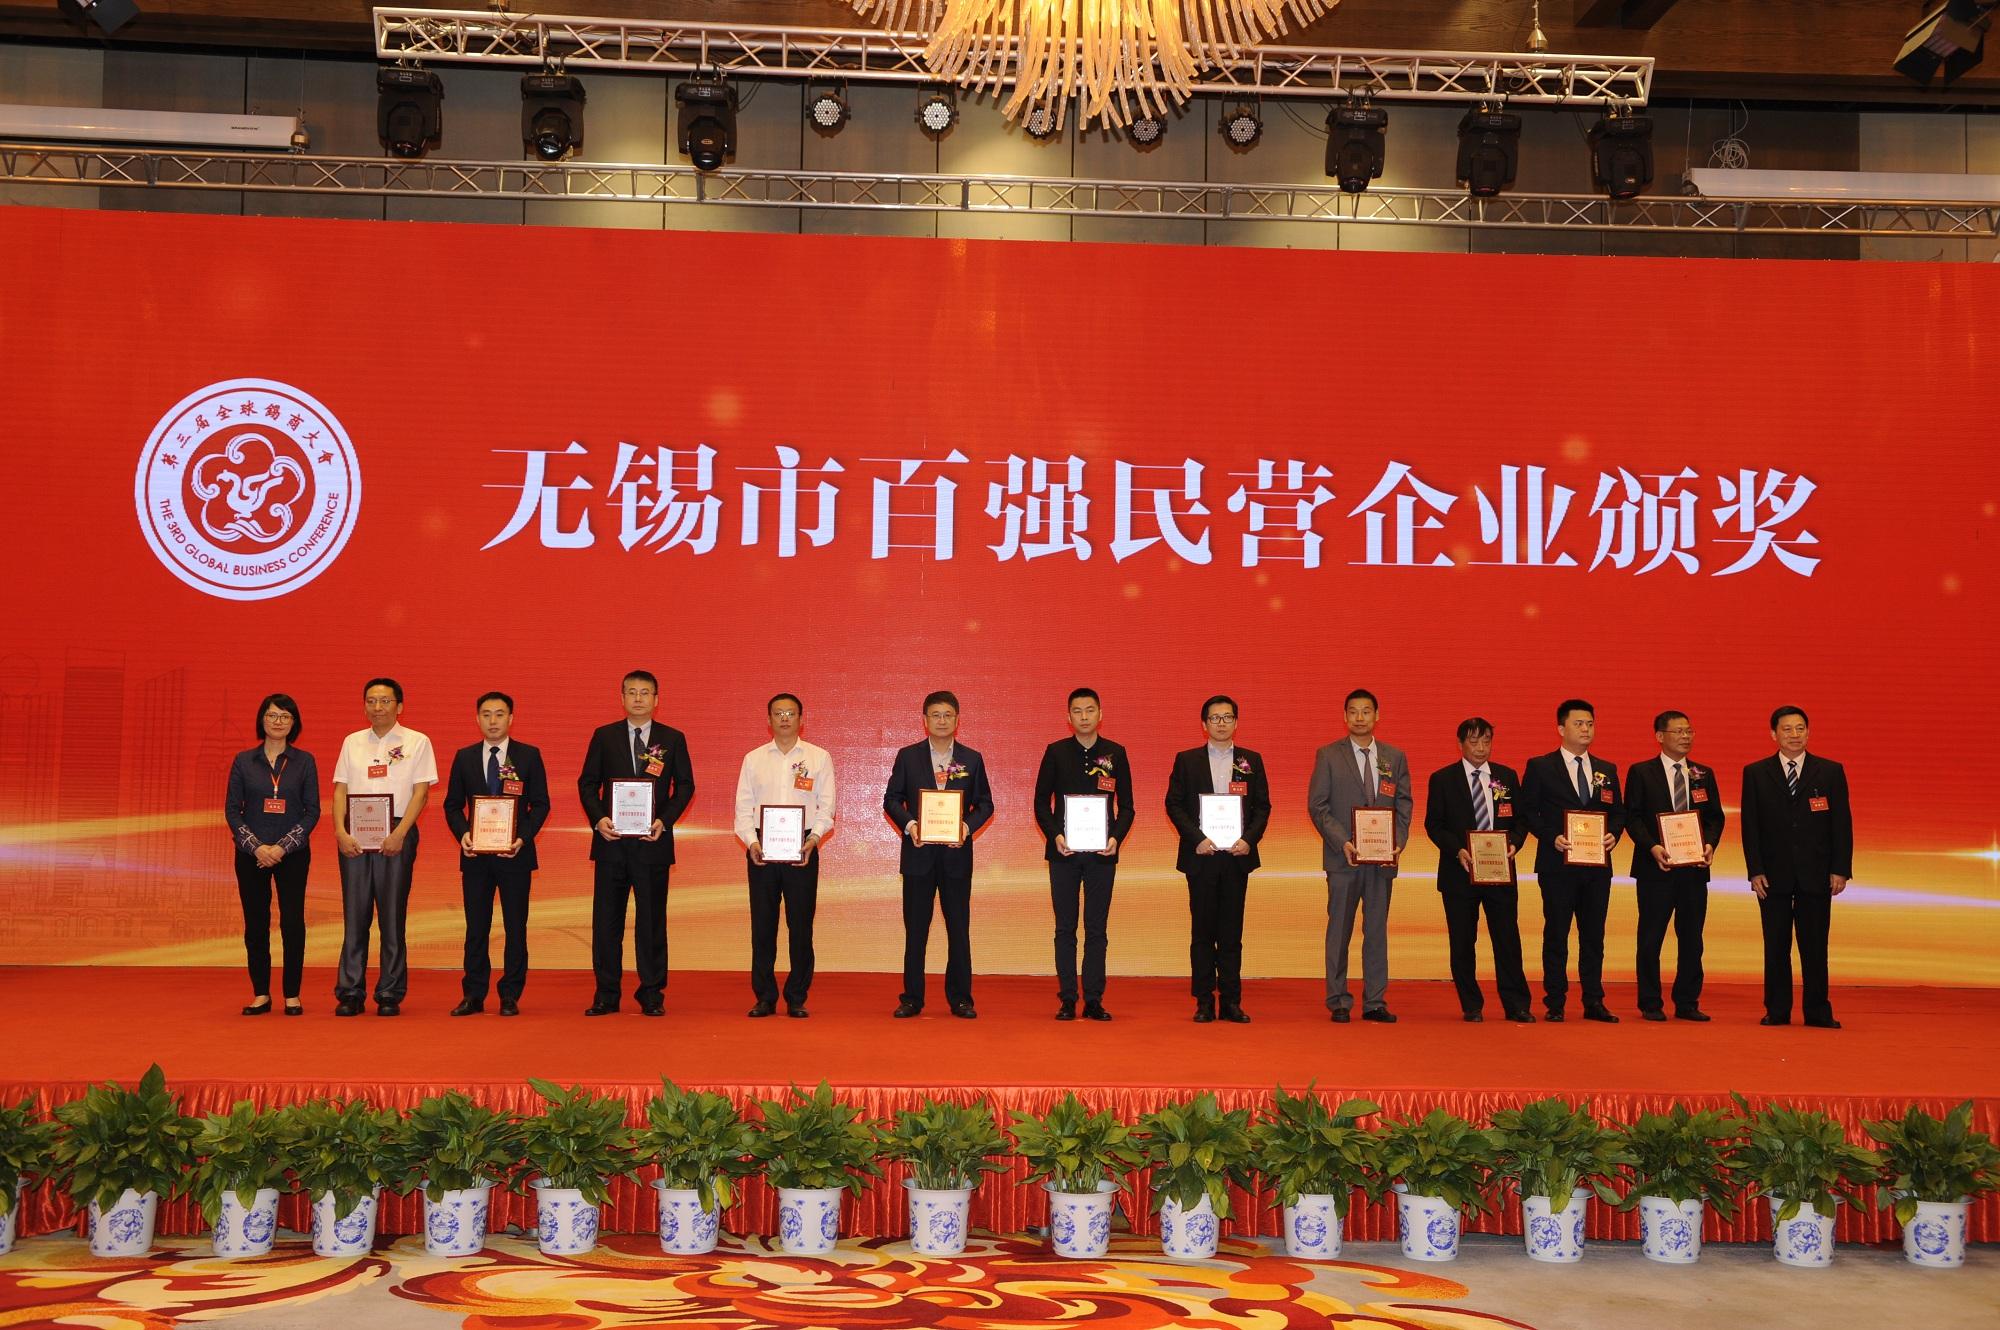 第三届全球锡商大会举行 500余名锡商代表齐聚无锡